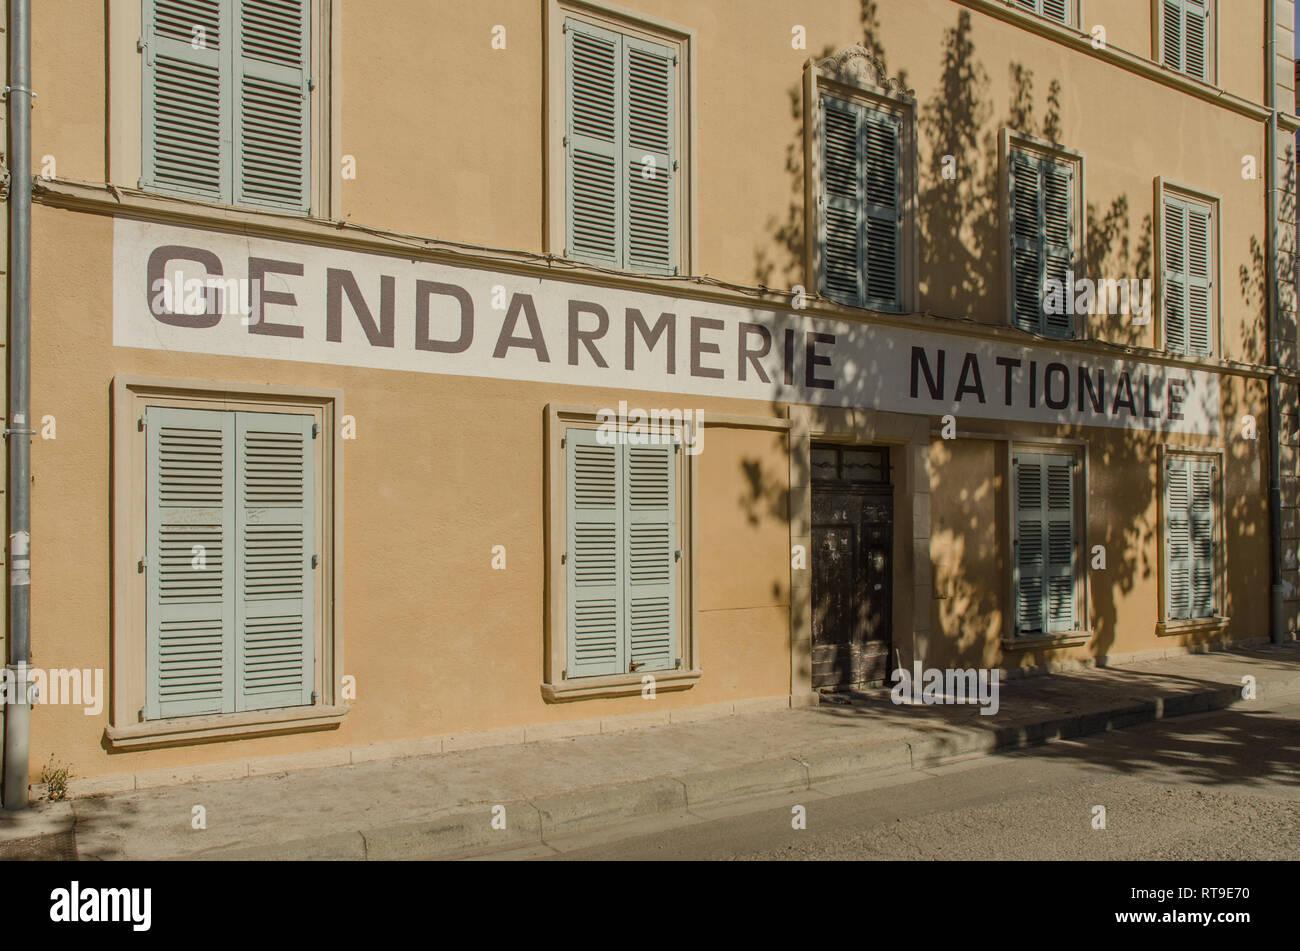 SAINT TROPEZ FRANCE SEP 2018  the Gendarmerie Nationale building where movies with Louis de Funes were shot in Saint Tropez town, Provence, France - Stock Image